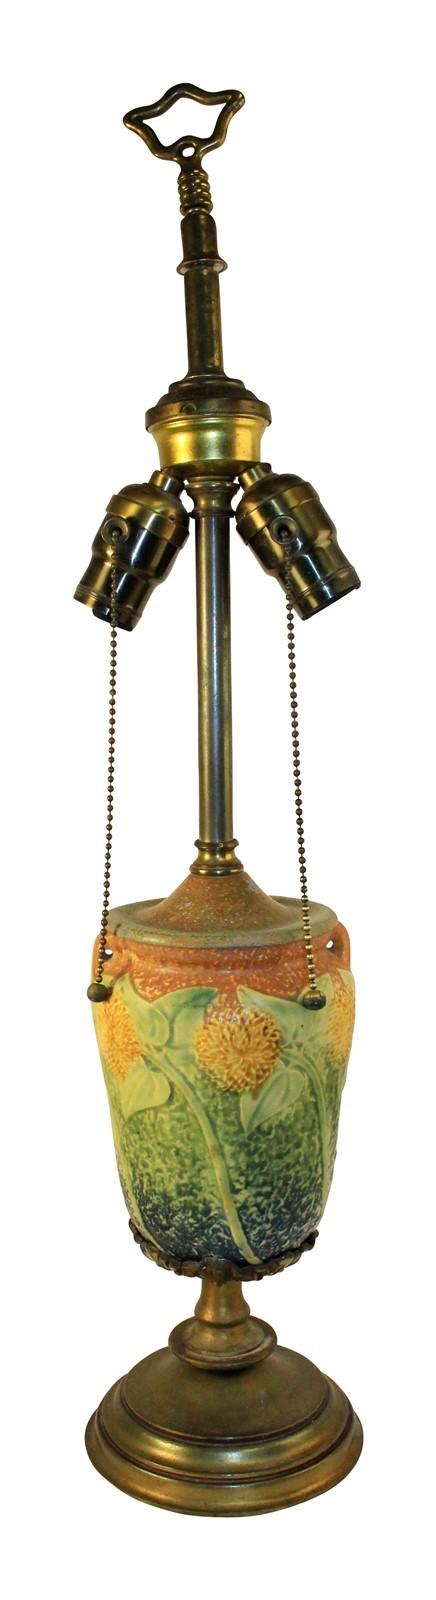 Roseville Pottery Sunflower Handled Vase Lamp